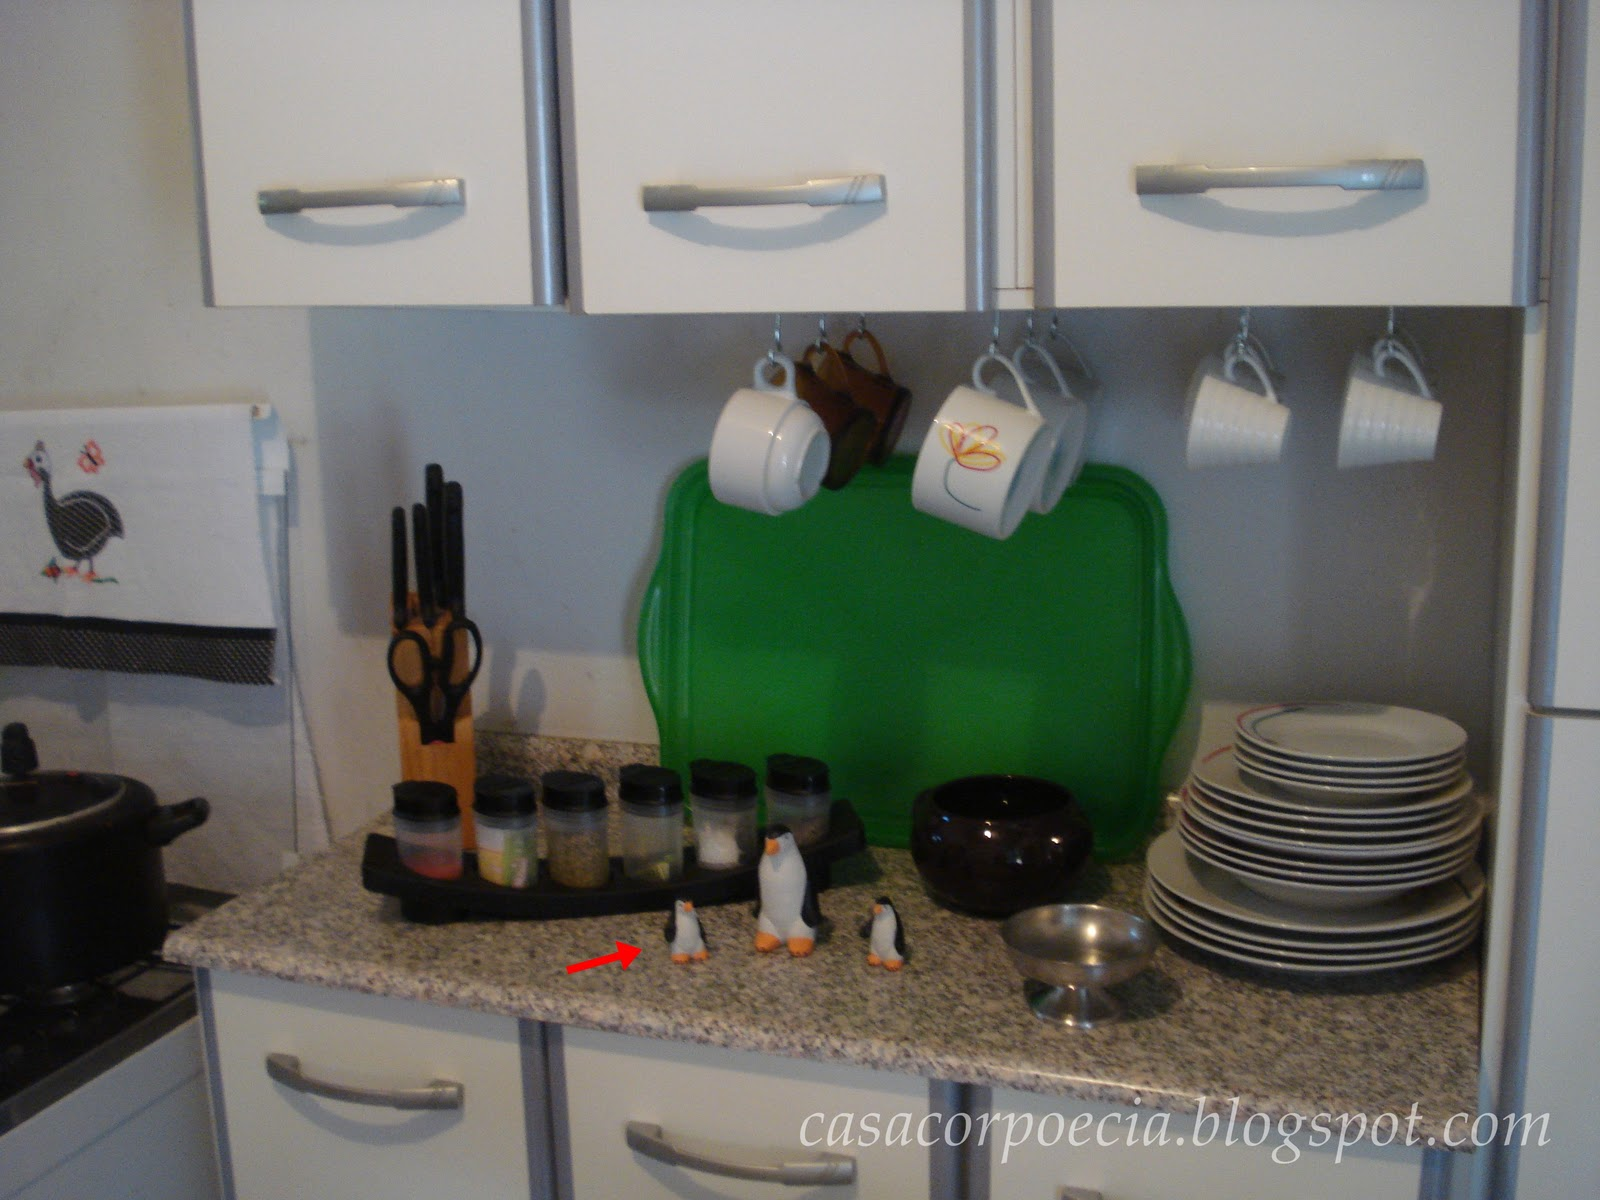 #1E592A linda geladeira que reformei com contact e mostrei o antes e depois  1600x1200 px Idéias Arranjo Cozinha_228 Imagens